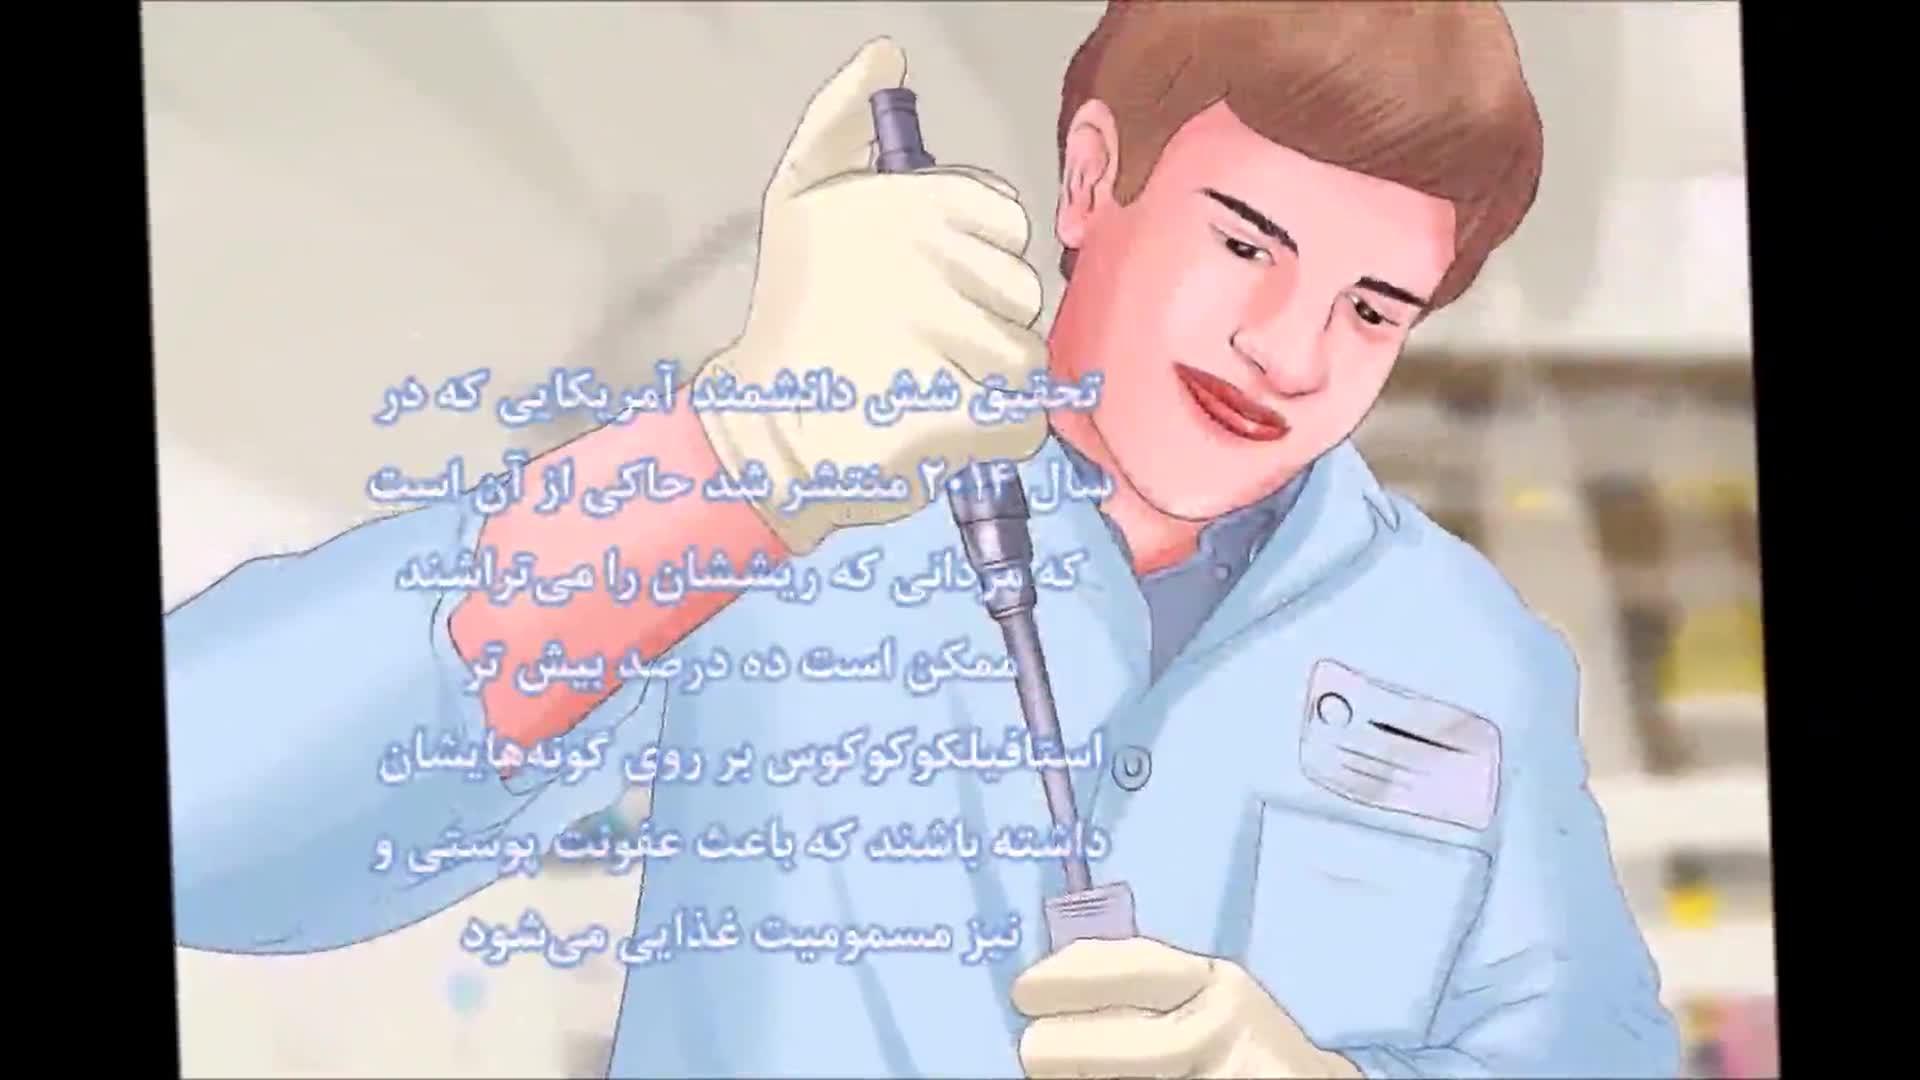 دلیل منع تراشیدن ریش از دید علوم پزشکی و بیولوژی